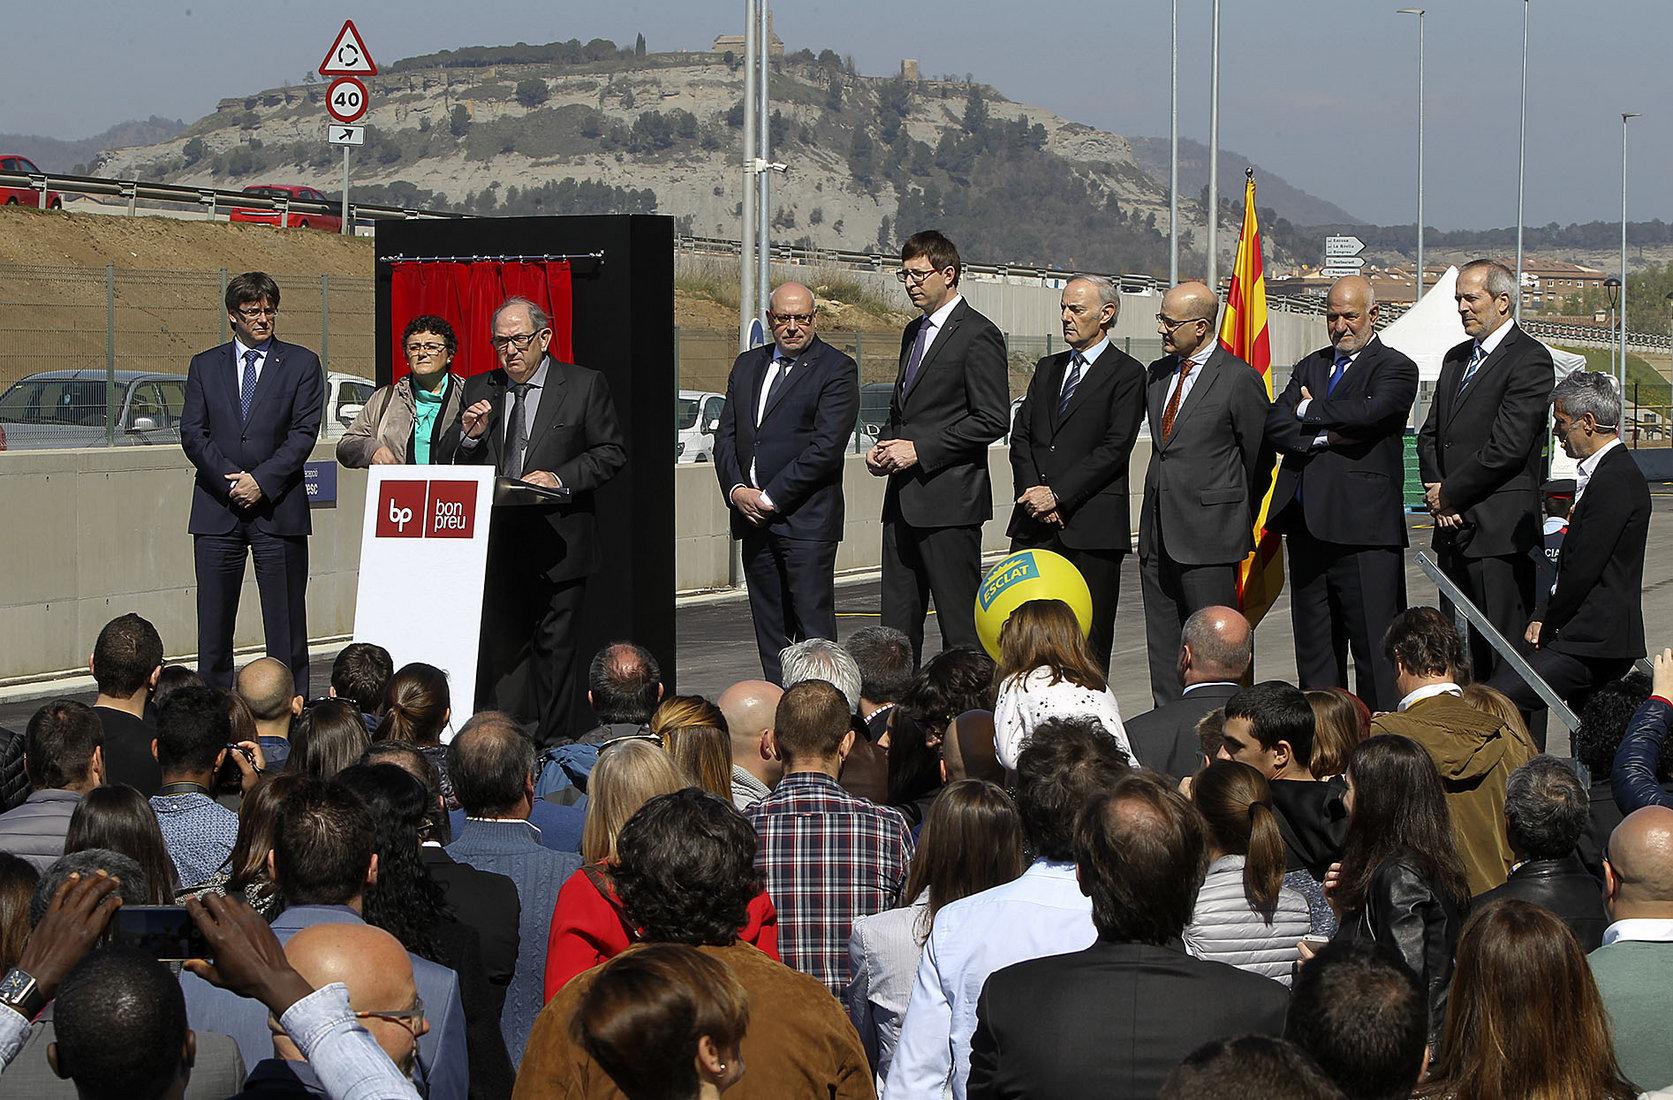 El grup Bon Preu va inaugurar fa un any un nou magatzem a Balenyà